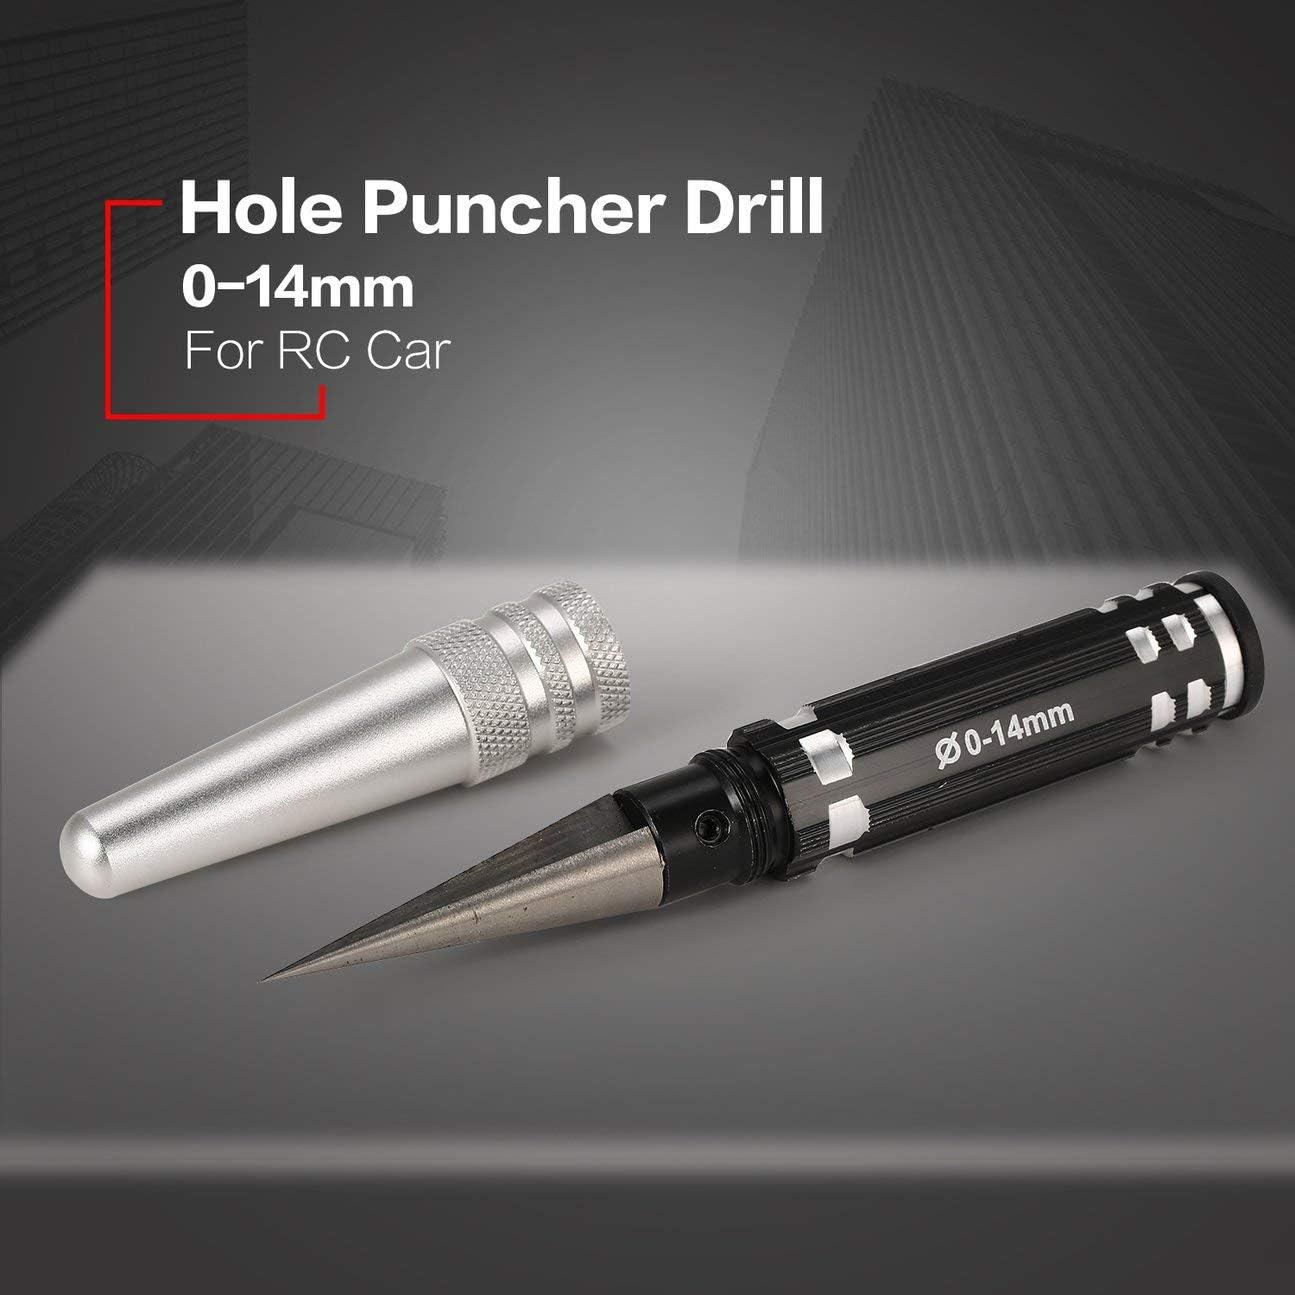 Trou Ouvreur Expansif Punch Shell Al/ésoir Perceuse 0-14mm en M/étal en Acier RC Hobby DIY Outils pour RC Mod/èle De Carrosserie